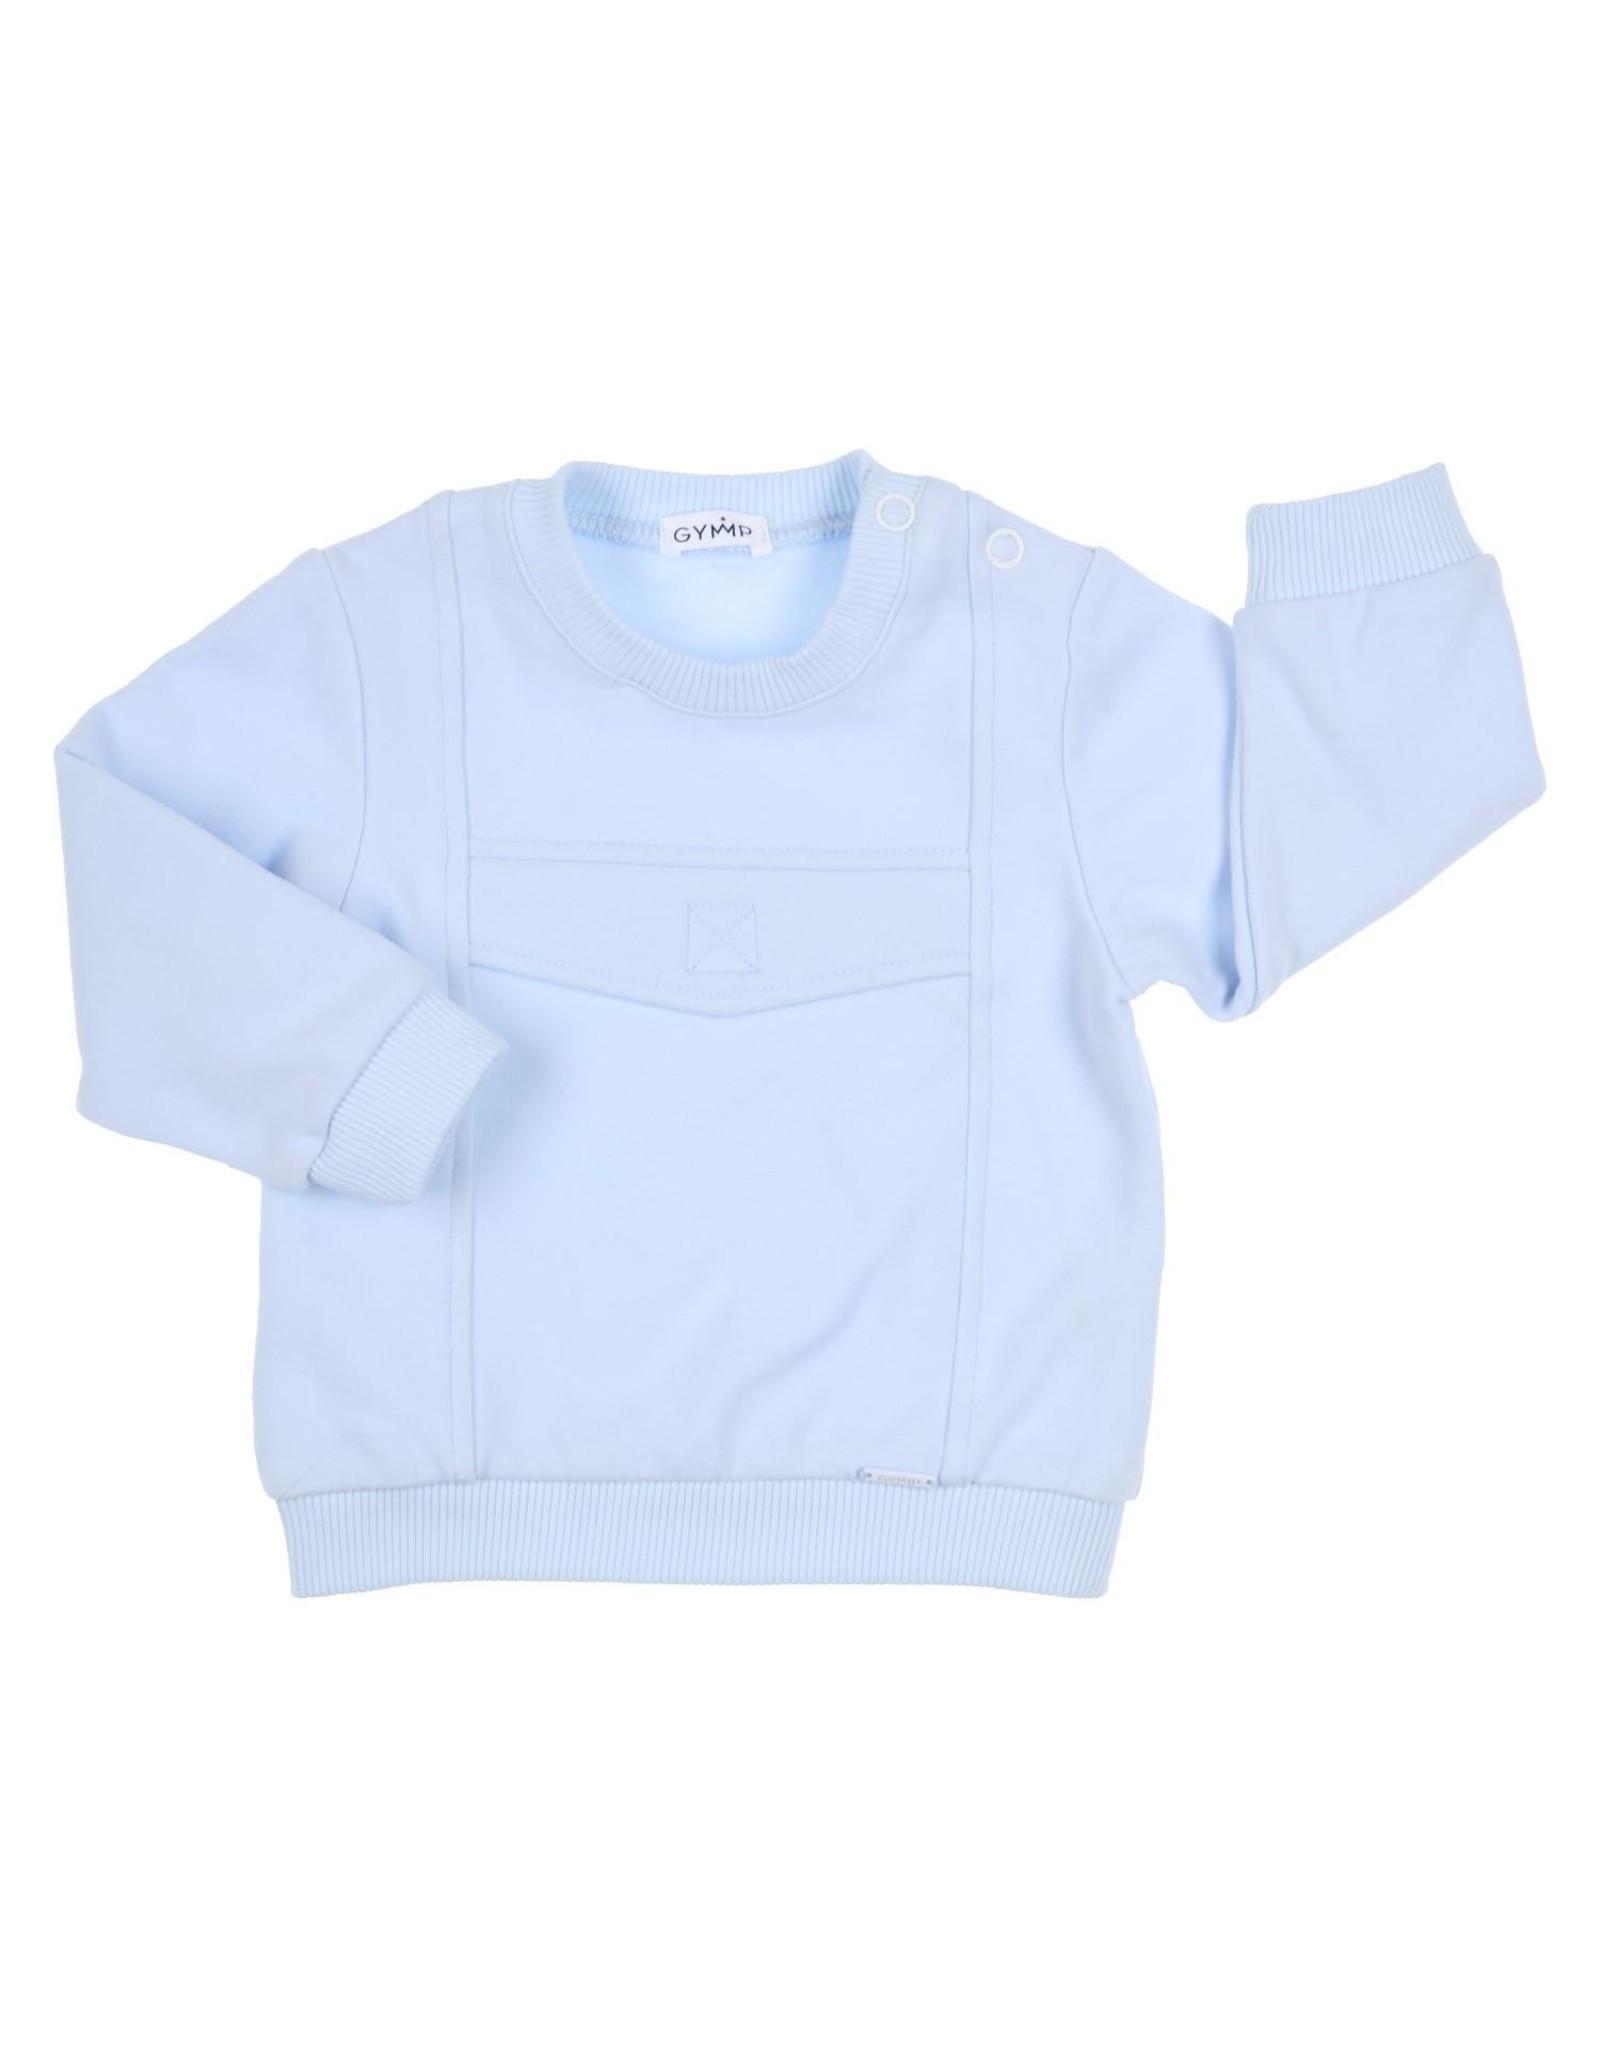 Gymp Sweater Lichtblauw